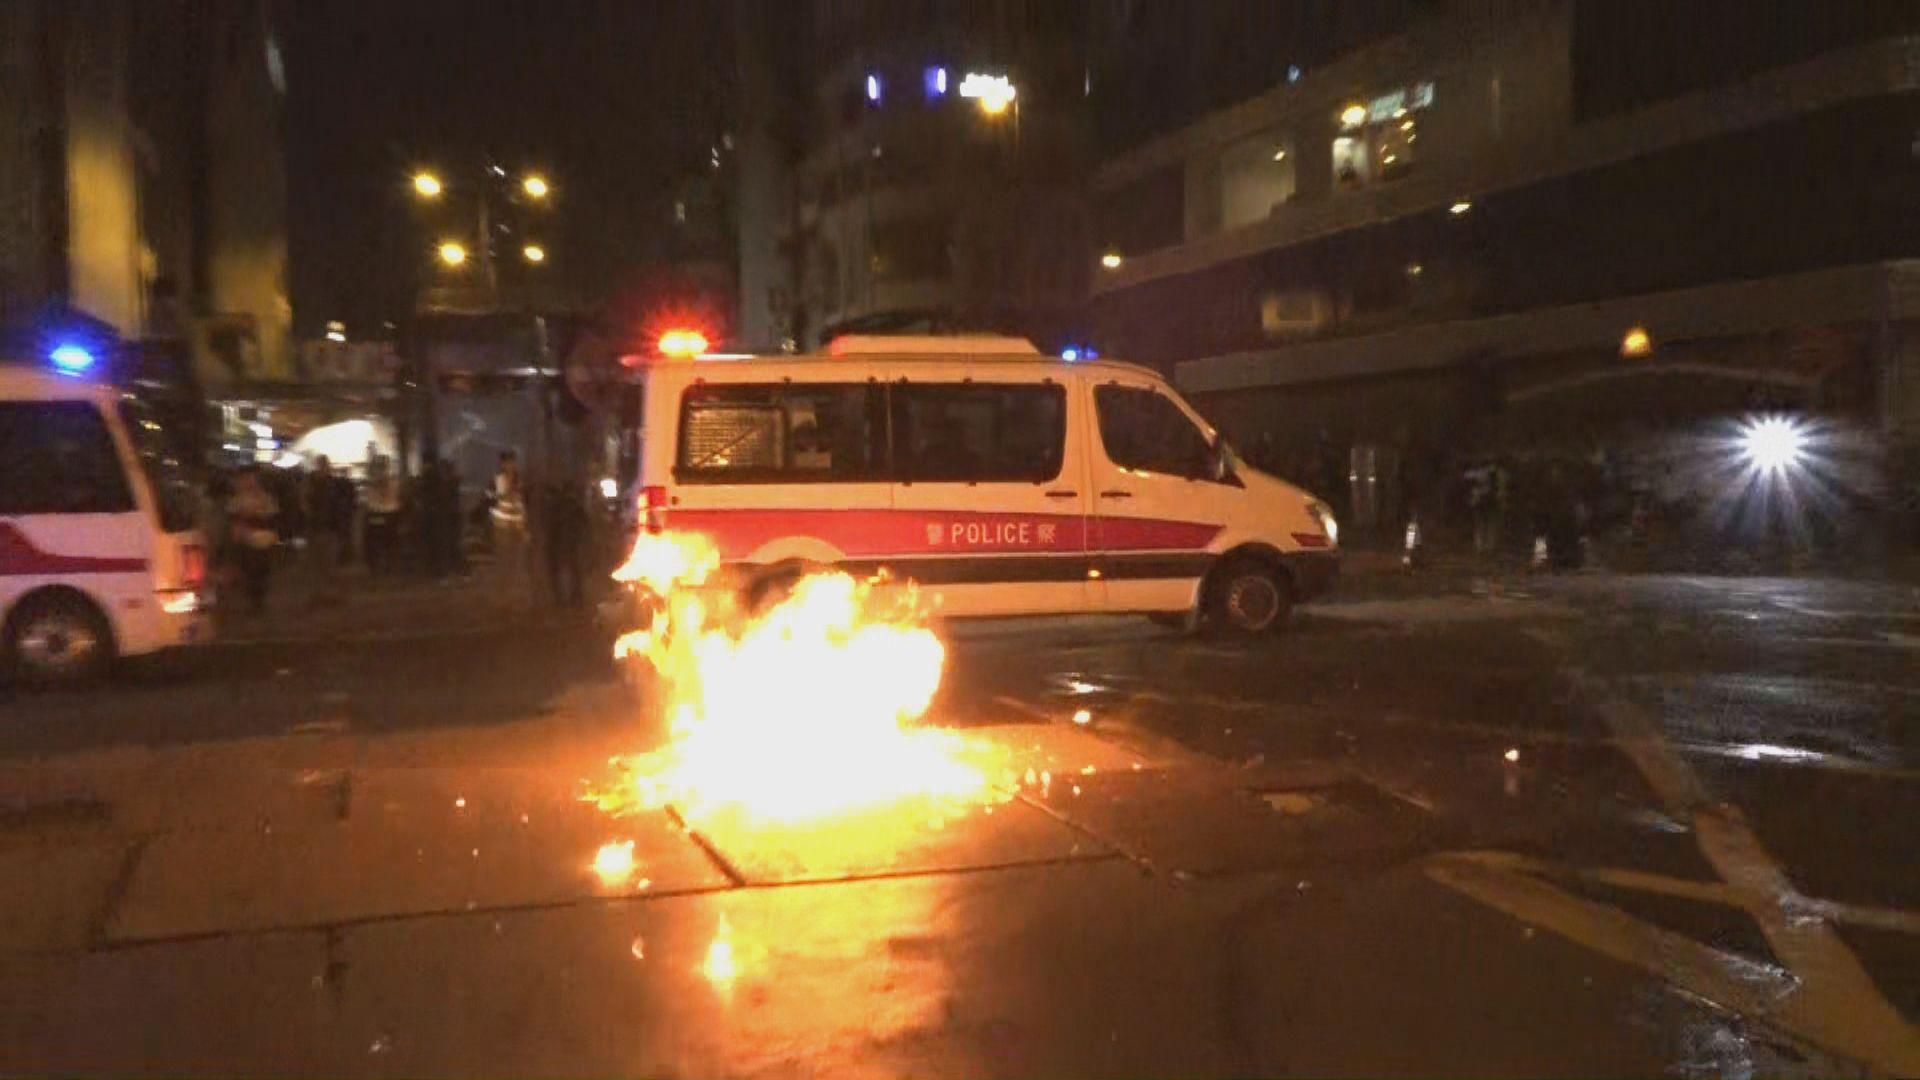 午夜旺角繼續有人聚集 警施發催淚彈驅散